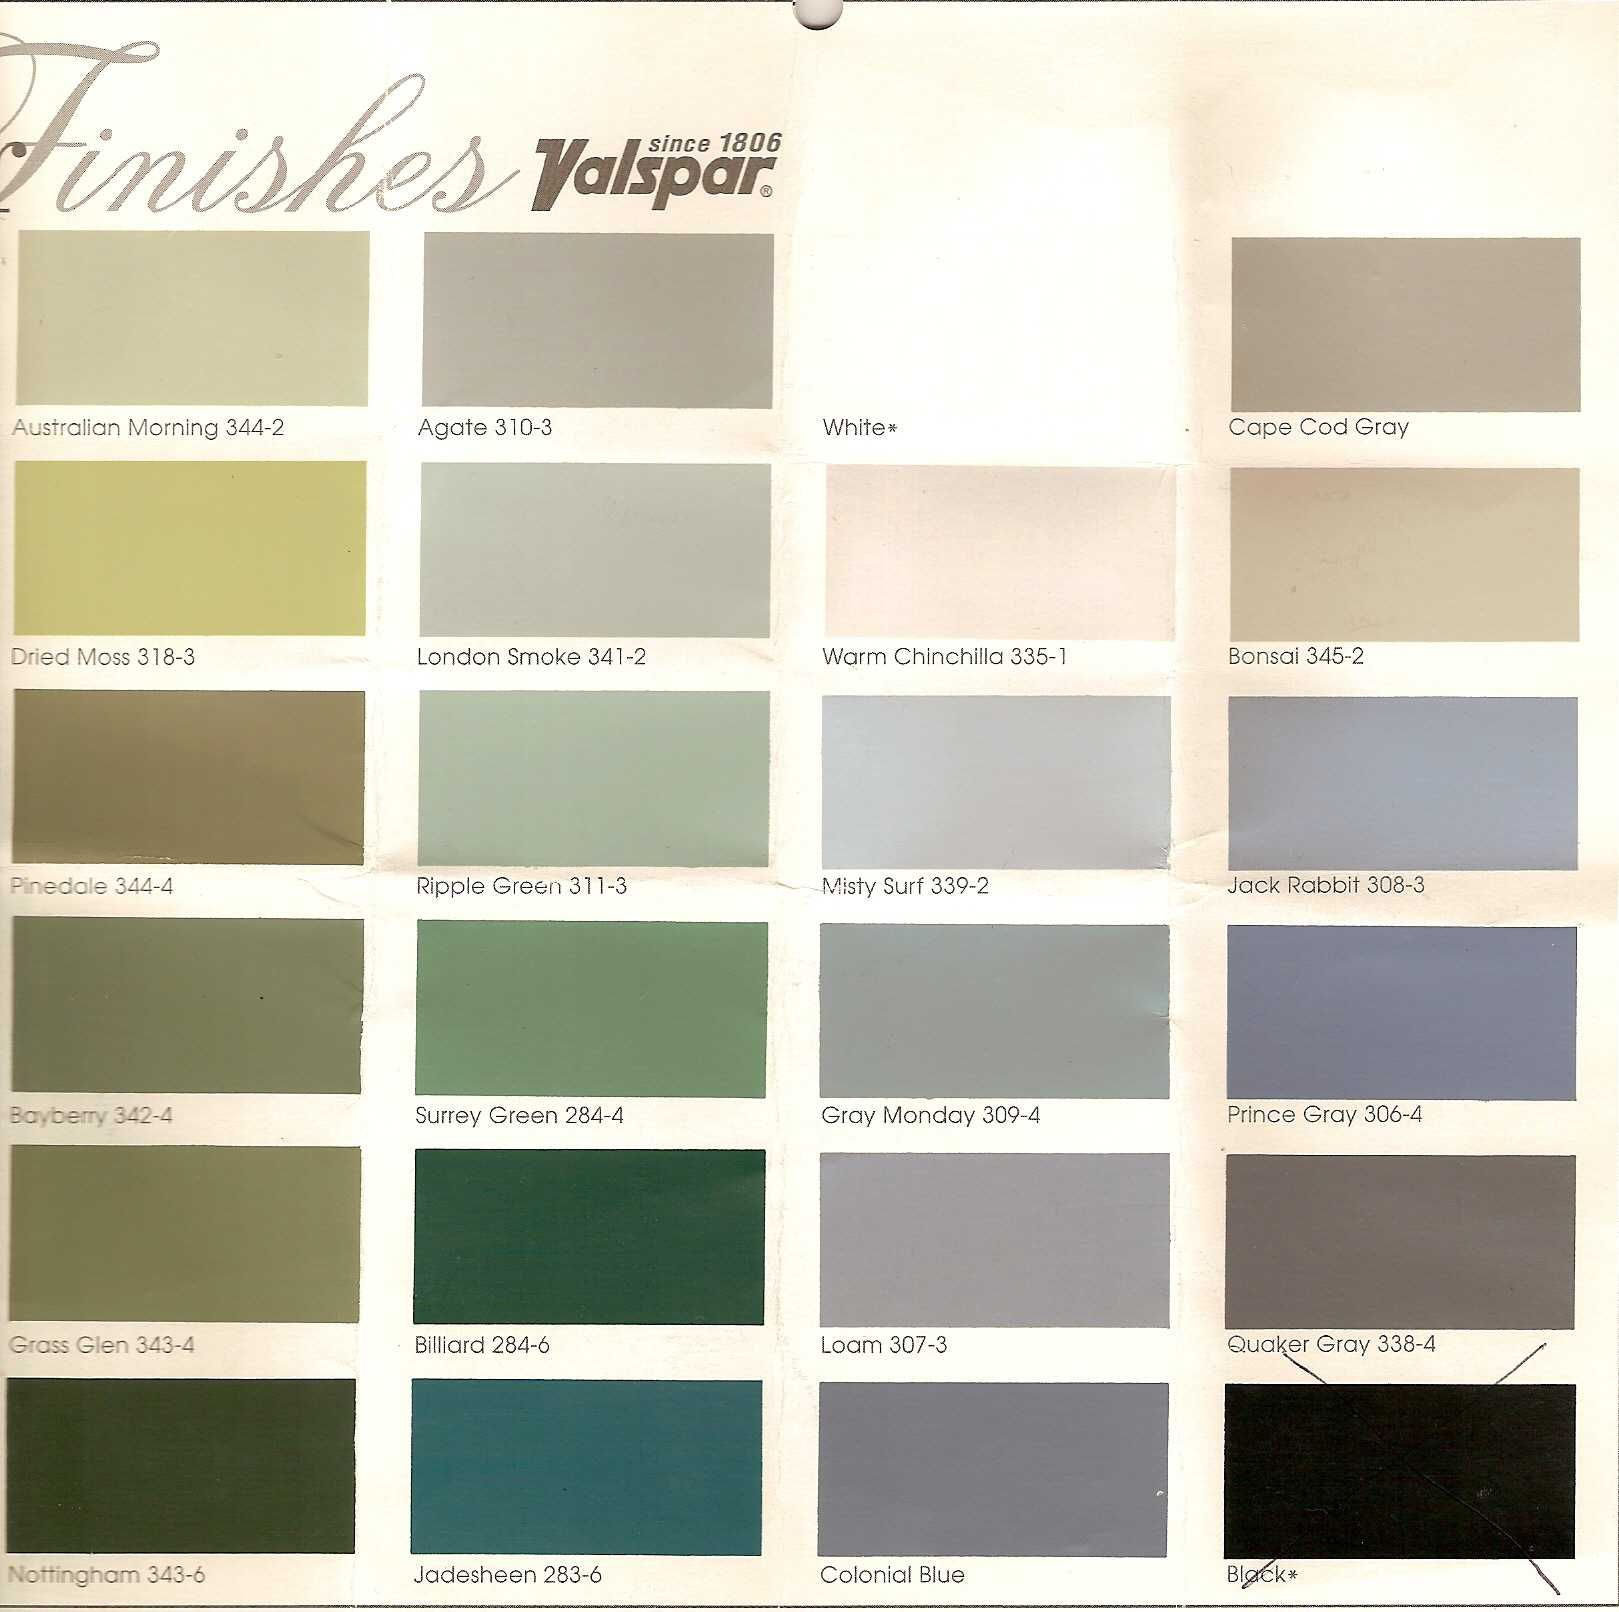 Valspar Tradition House Paint Colors - Palette 22